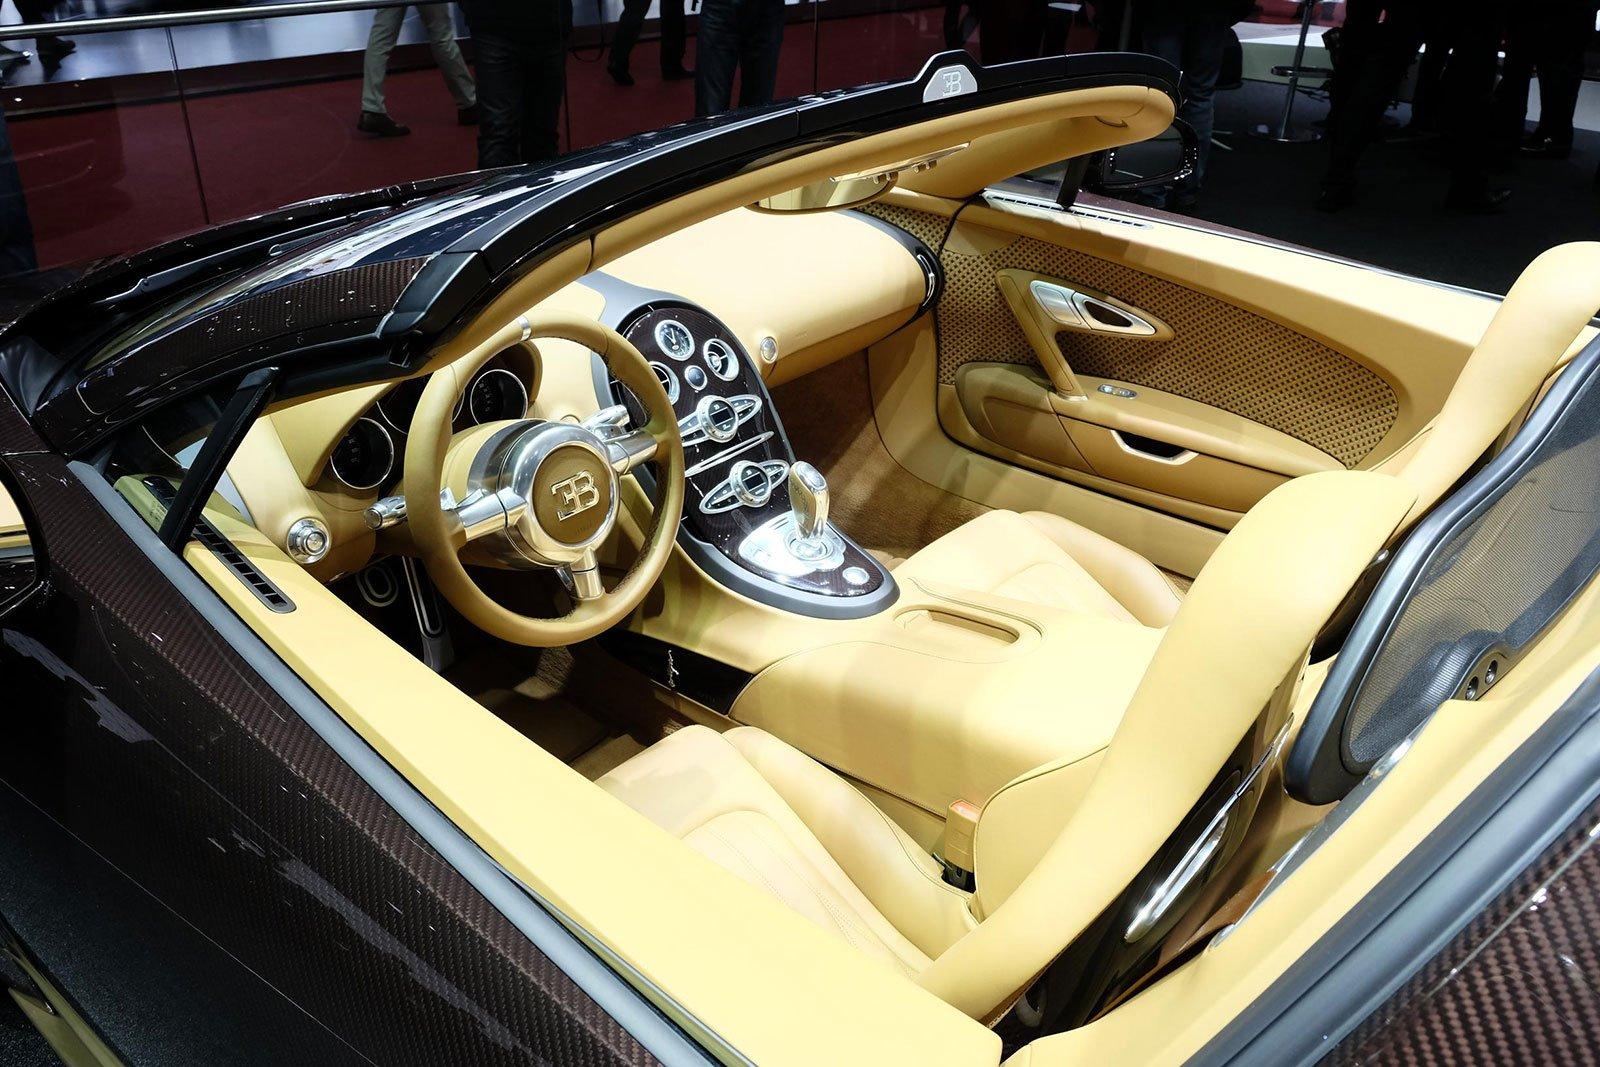 bugatti veyron rembrandt bugatti the fourth special image 234911. Black Bedroom Furniture Sets. Home Design Ideas